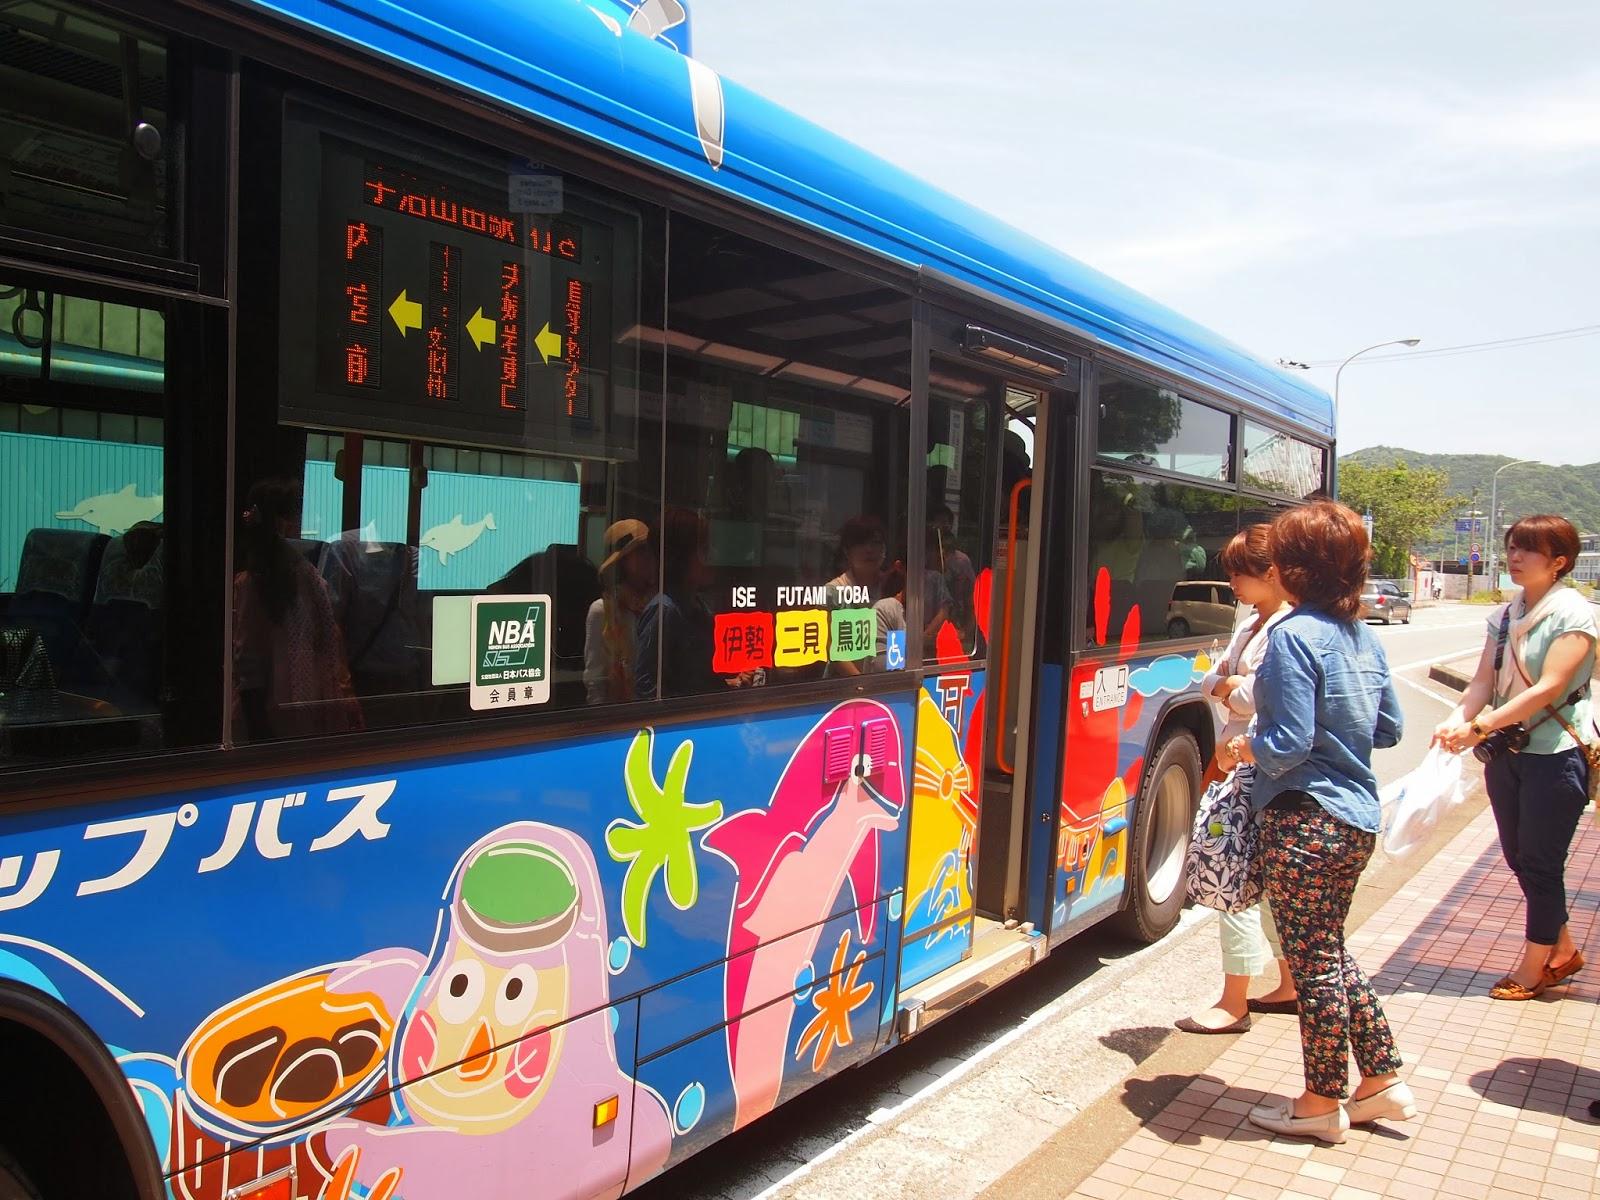 [旅遊] 日本之旅(三重縣) - 景點+美食篇 @ 伊勢おはらい町 (上) | 架架麵飲食遊記 | 品味生活 - fanpiece